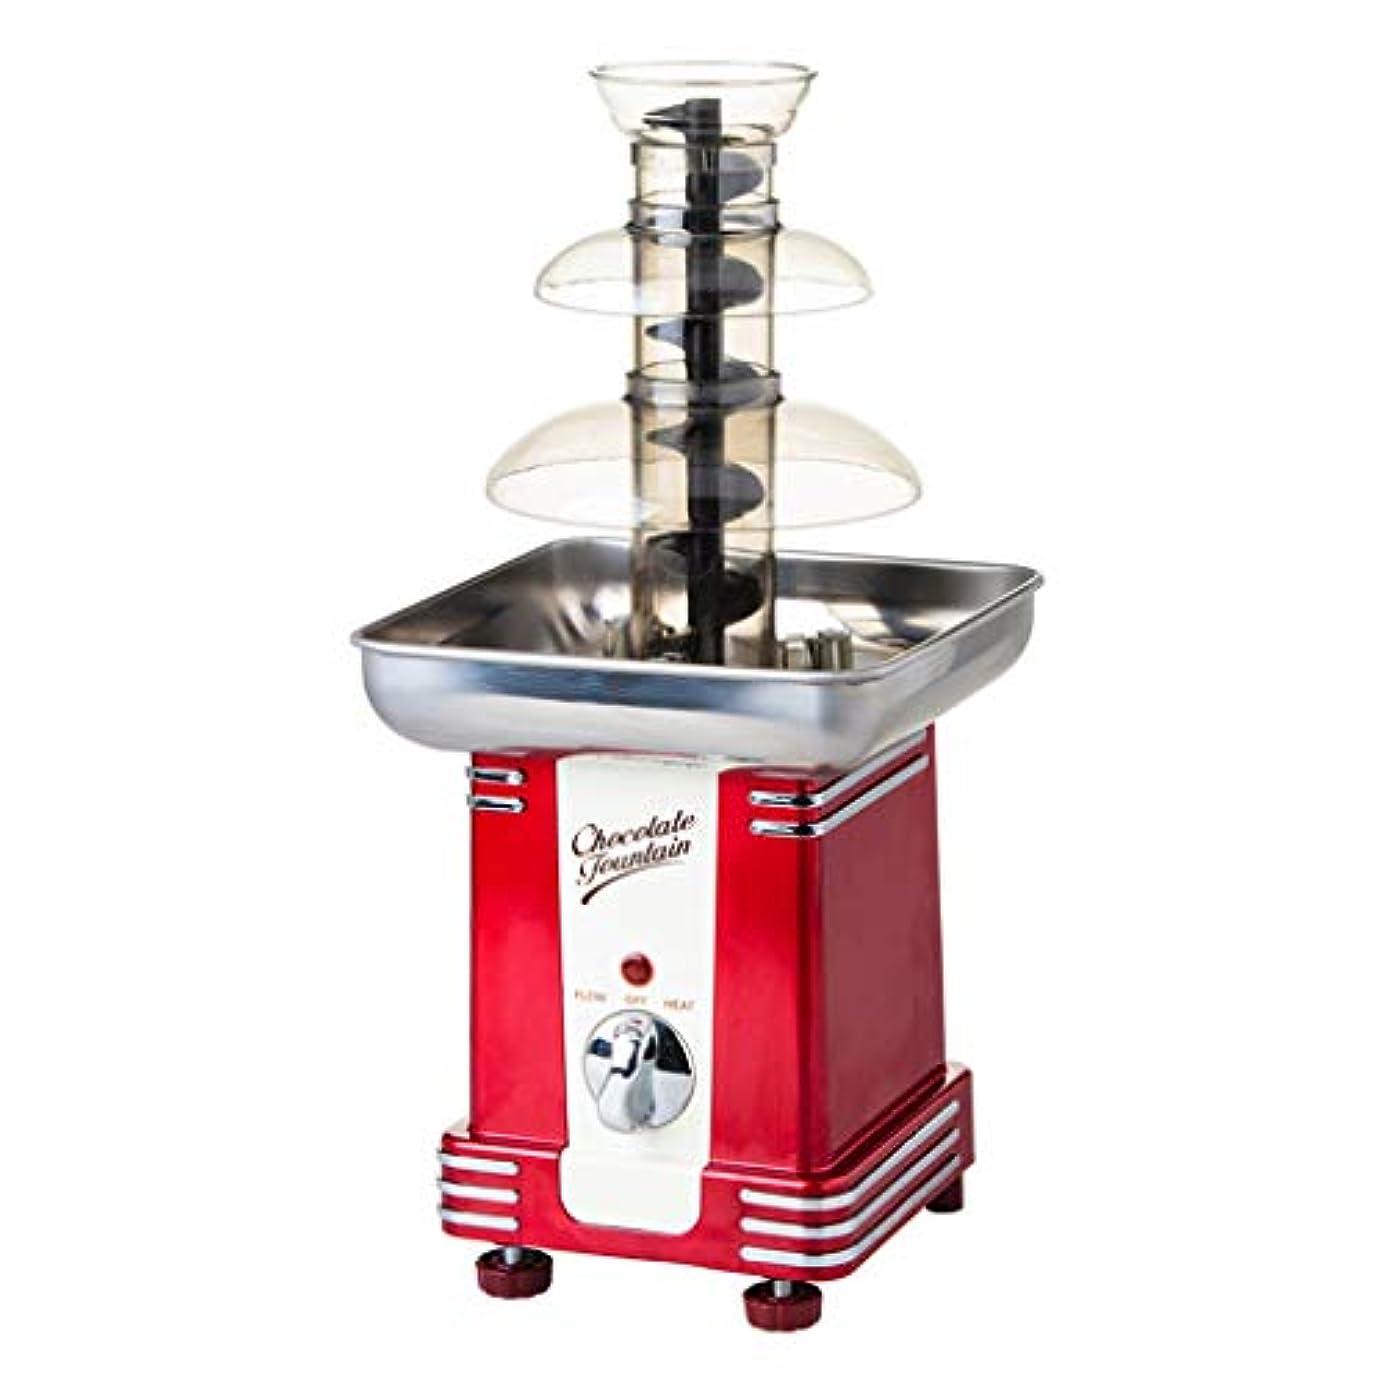 破壊的な悪用悲しむ3層ミニ電気チョコレートの噴水、コンパクト卓上デザイン、ダイヤルを使用するのは簡単、赤いホーム多機能メタル自動滝機